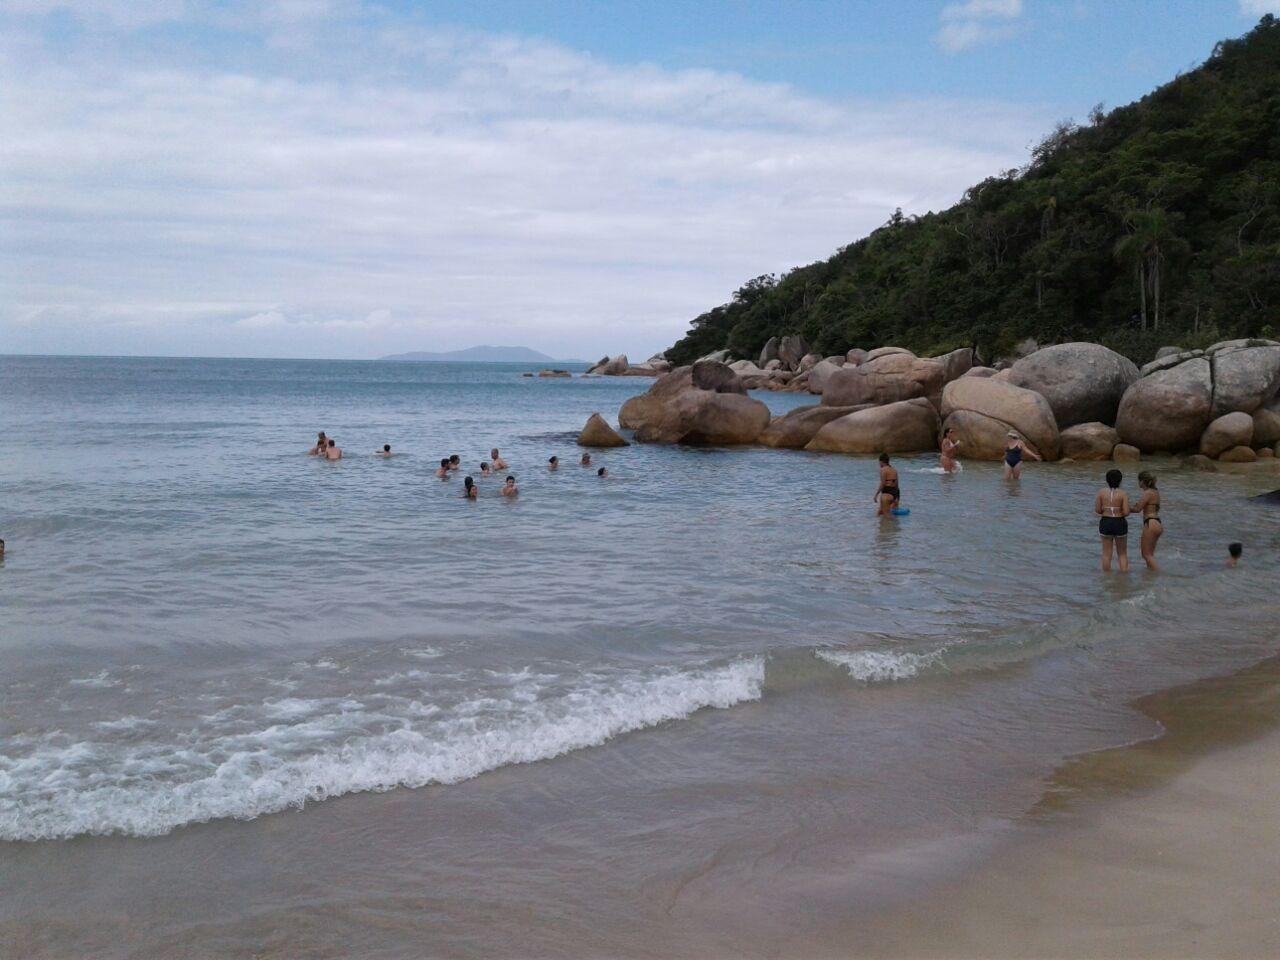 Governador Celso Ramos começa a cobrar taxa de preservação ambiental neste verão; veja valores - Notícias - Plantão Diário